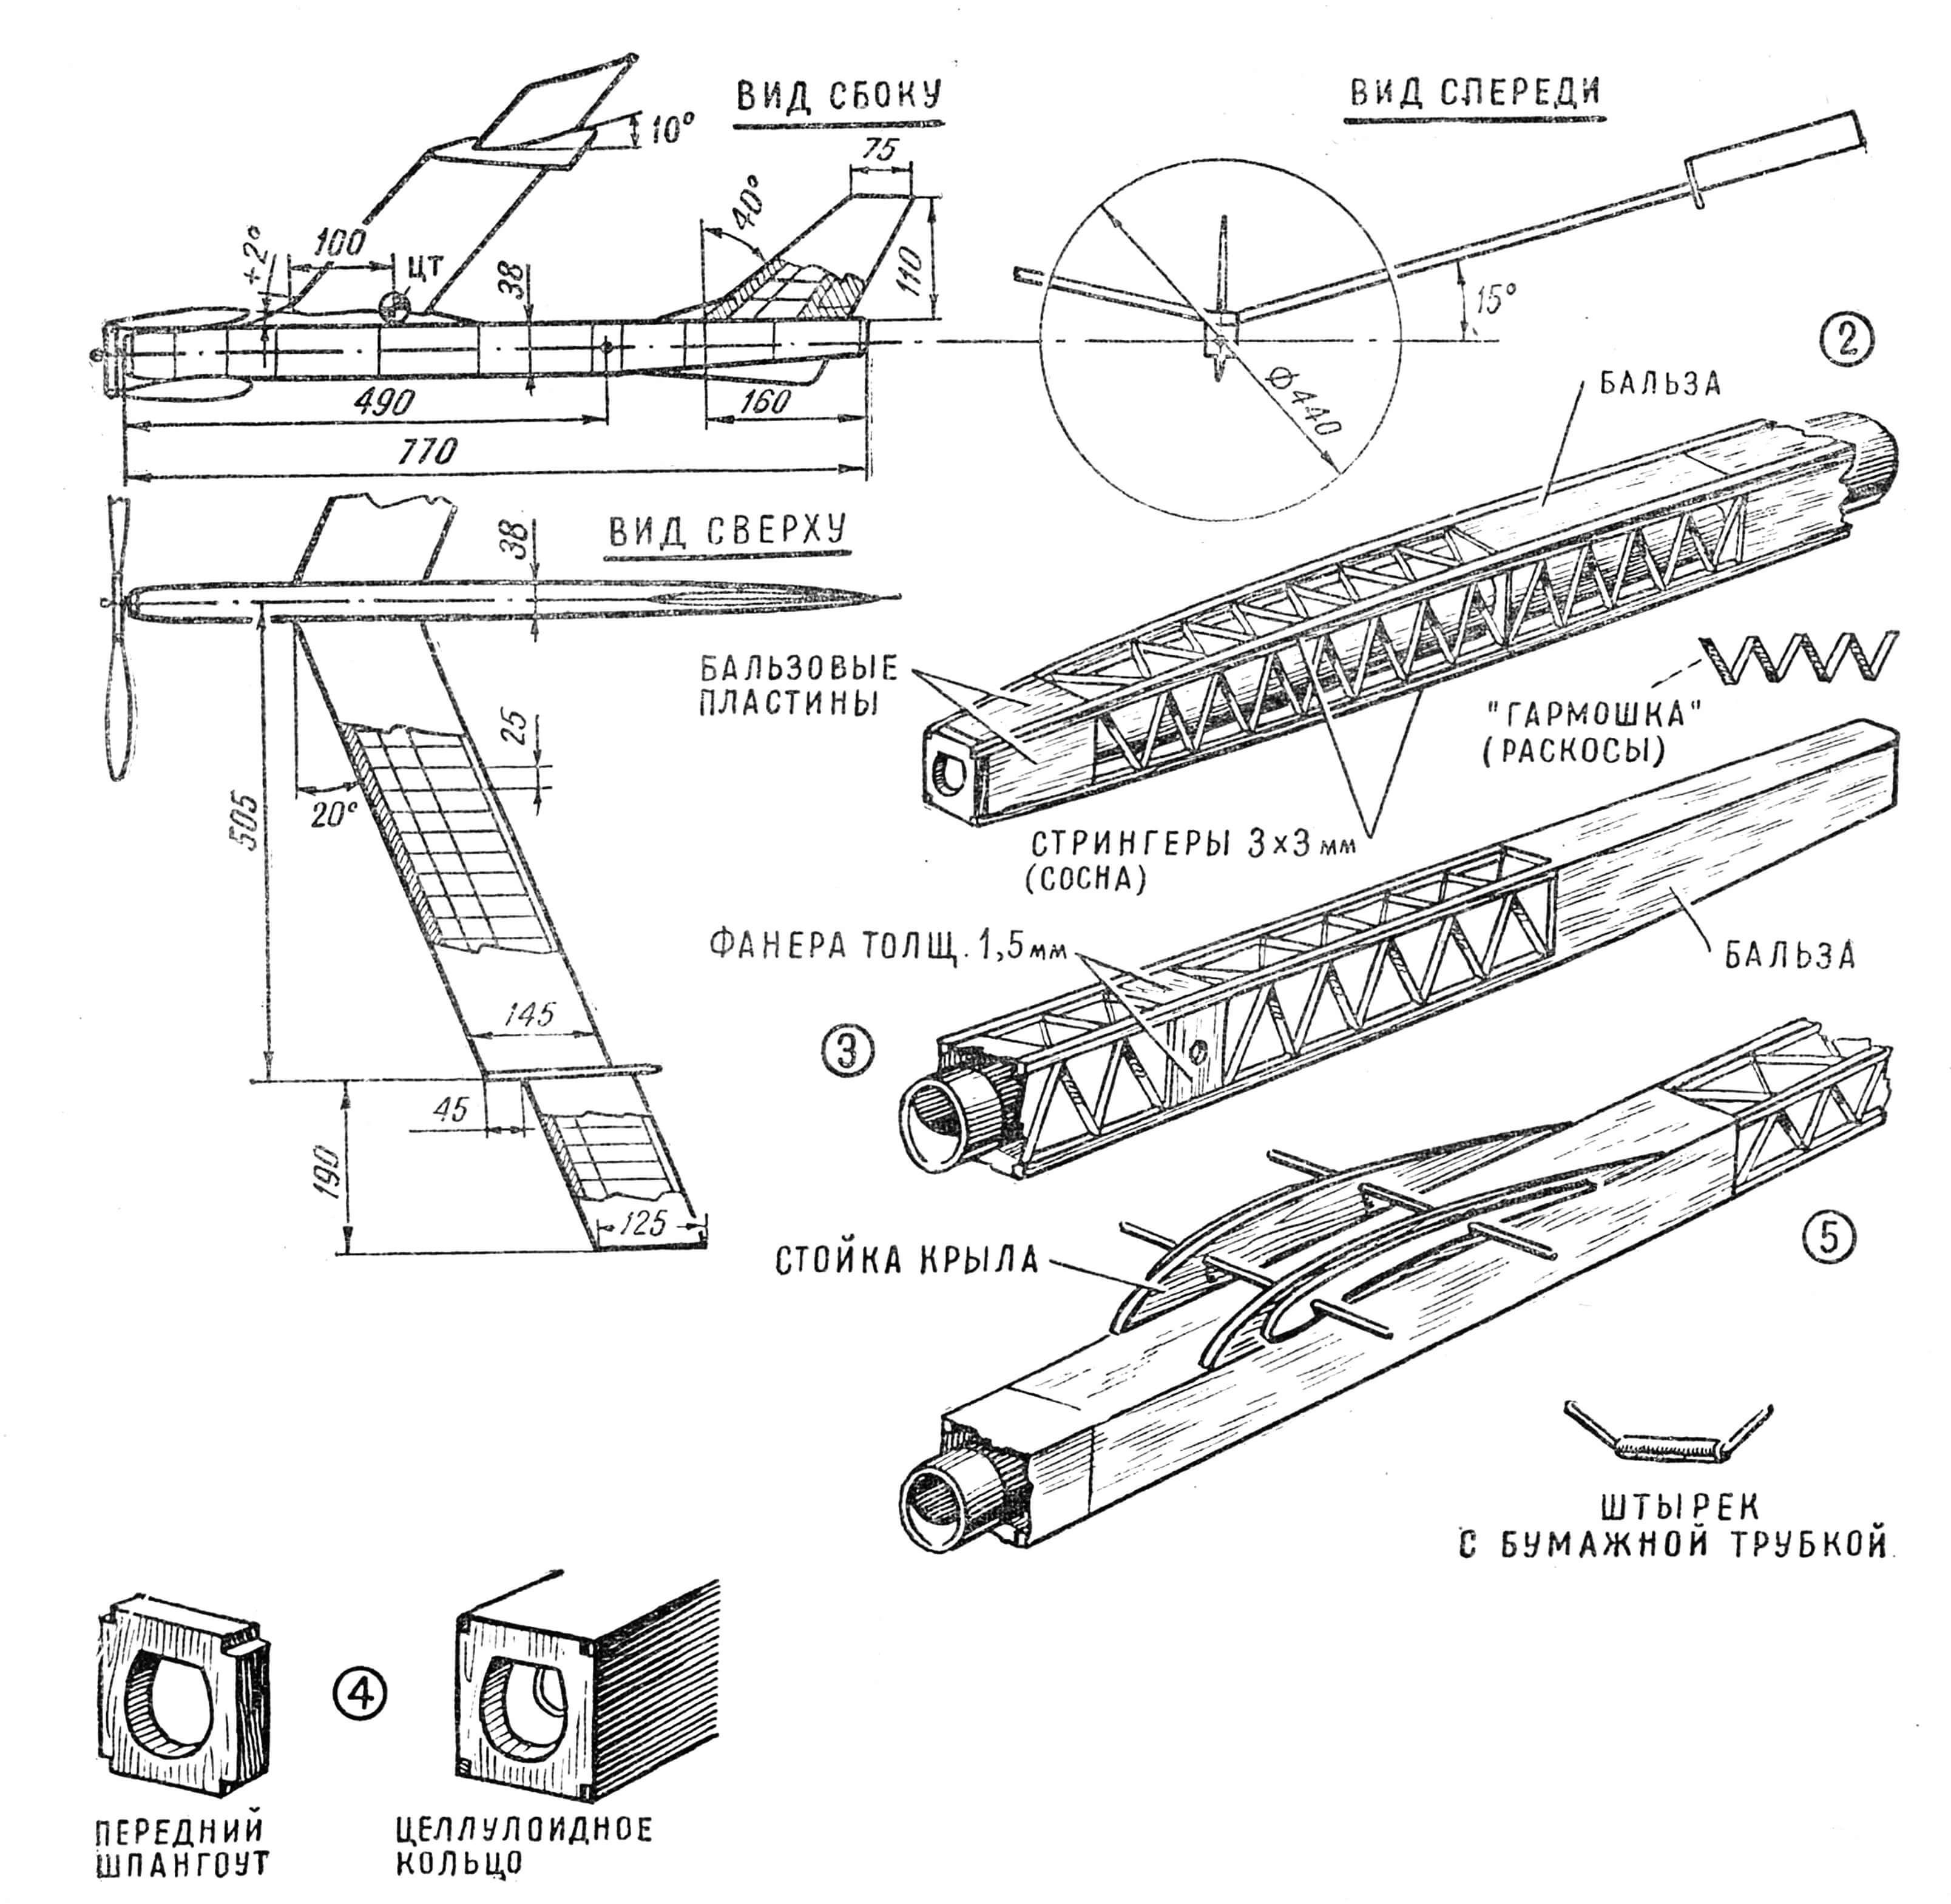 Рис. 1. Схема модели в трех проекциях. Рис. 2 — установка раскосов («гаомошки») из полосок шпона. Рис. 3 — вклейка пластинок из 1,5-мм фанеры для крепления штыря резиномотора. Рис. 4 — изготовление переднего шпангоута. Рис. 5 — установка стойки крыла;